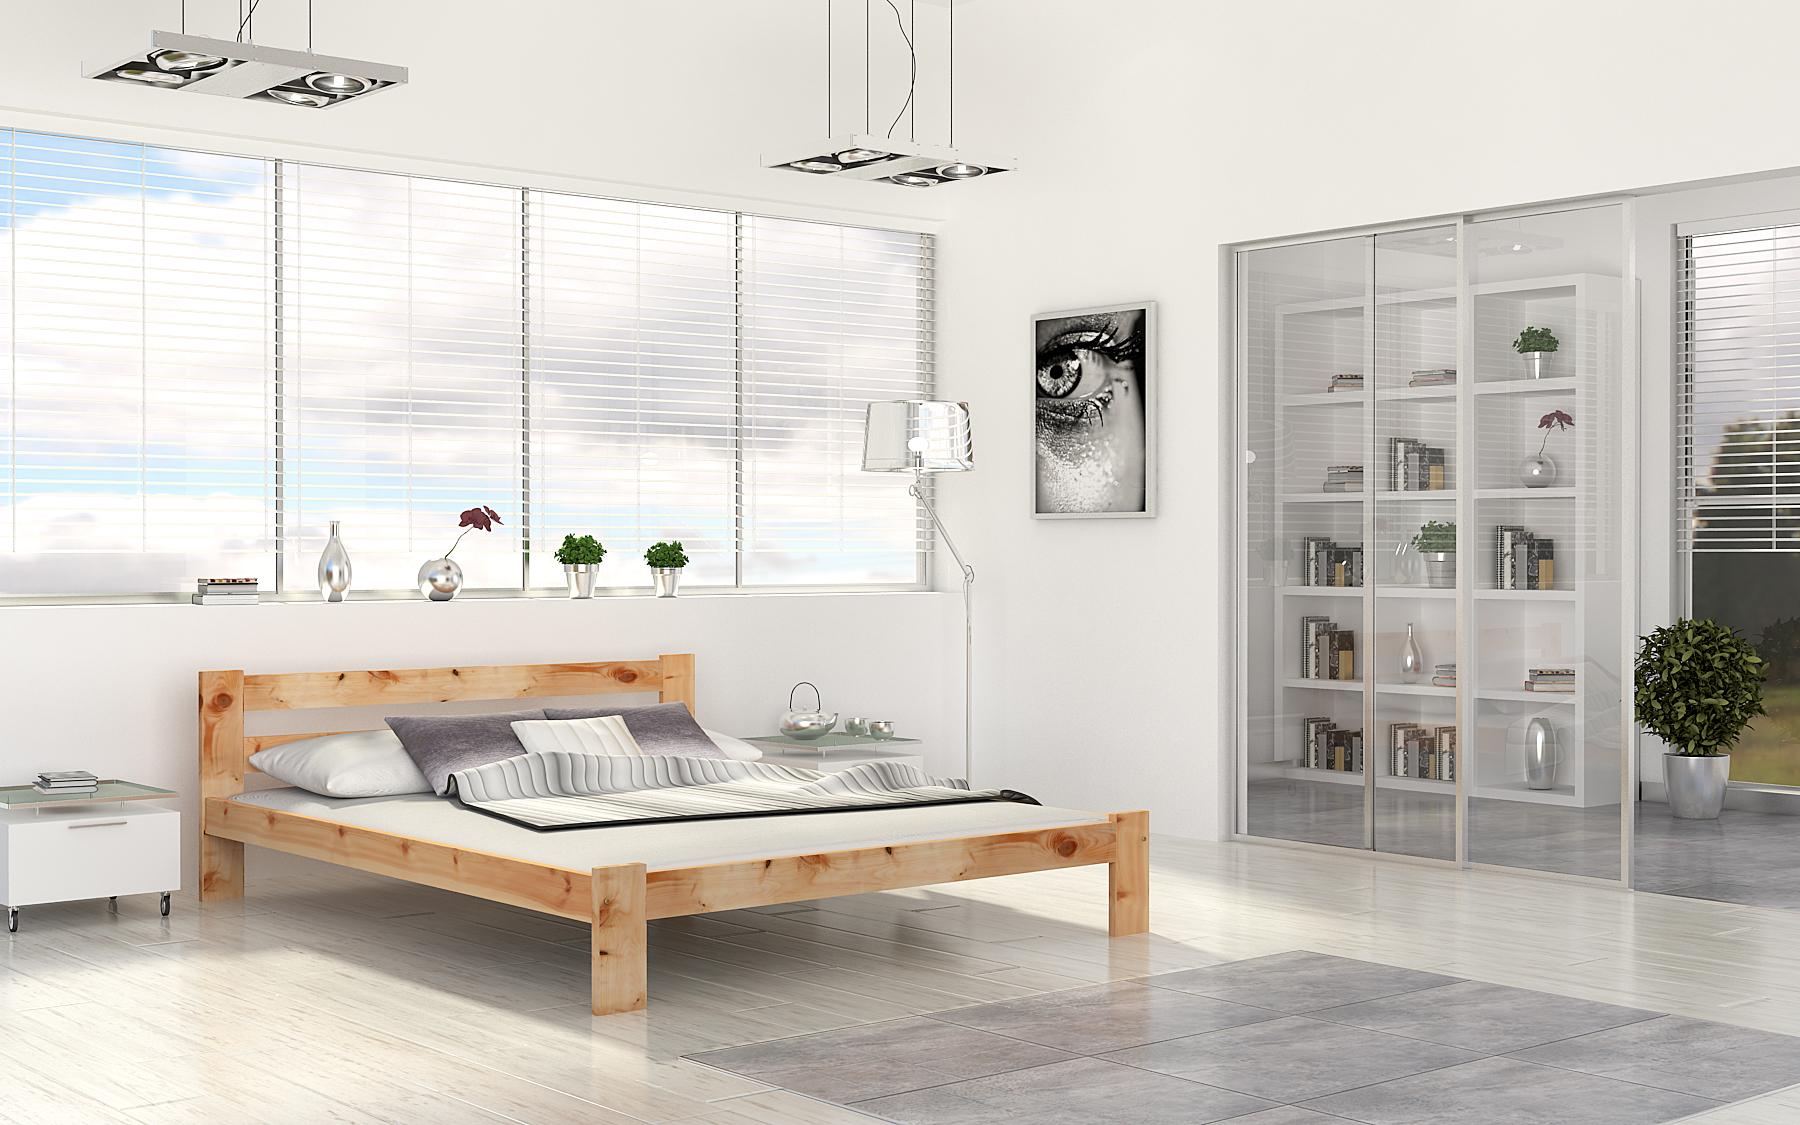 ArtAJ Manželská posteľ Venecia 200x180 Farba: Borovica